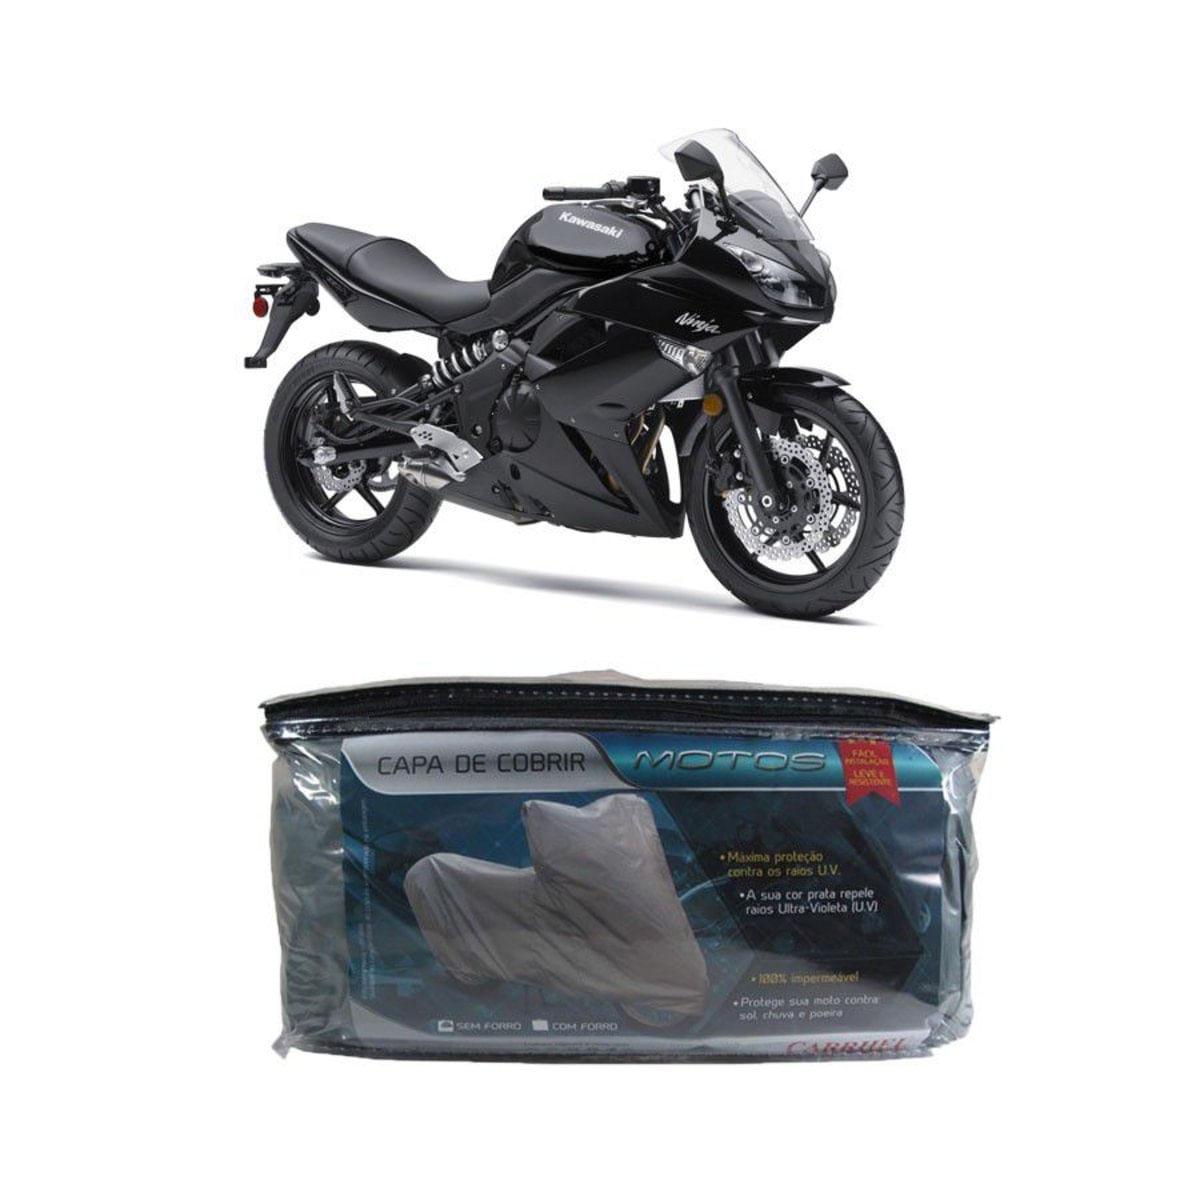 Capa Impermeável Para Cobrir Kawasaki Ninja 650R 649Cc G(220)